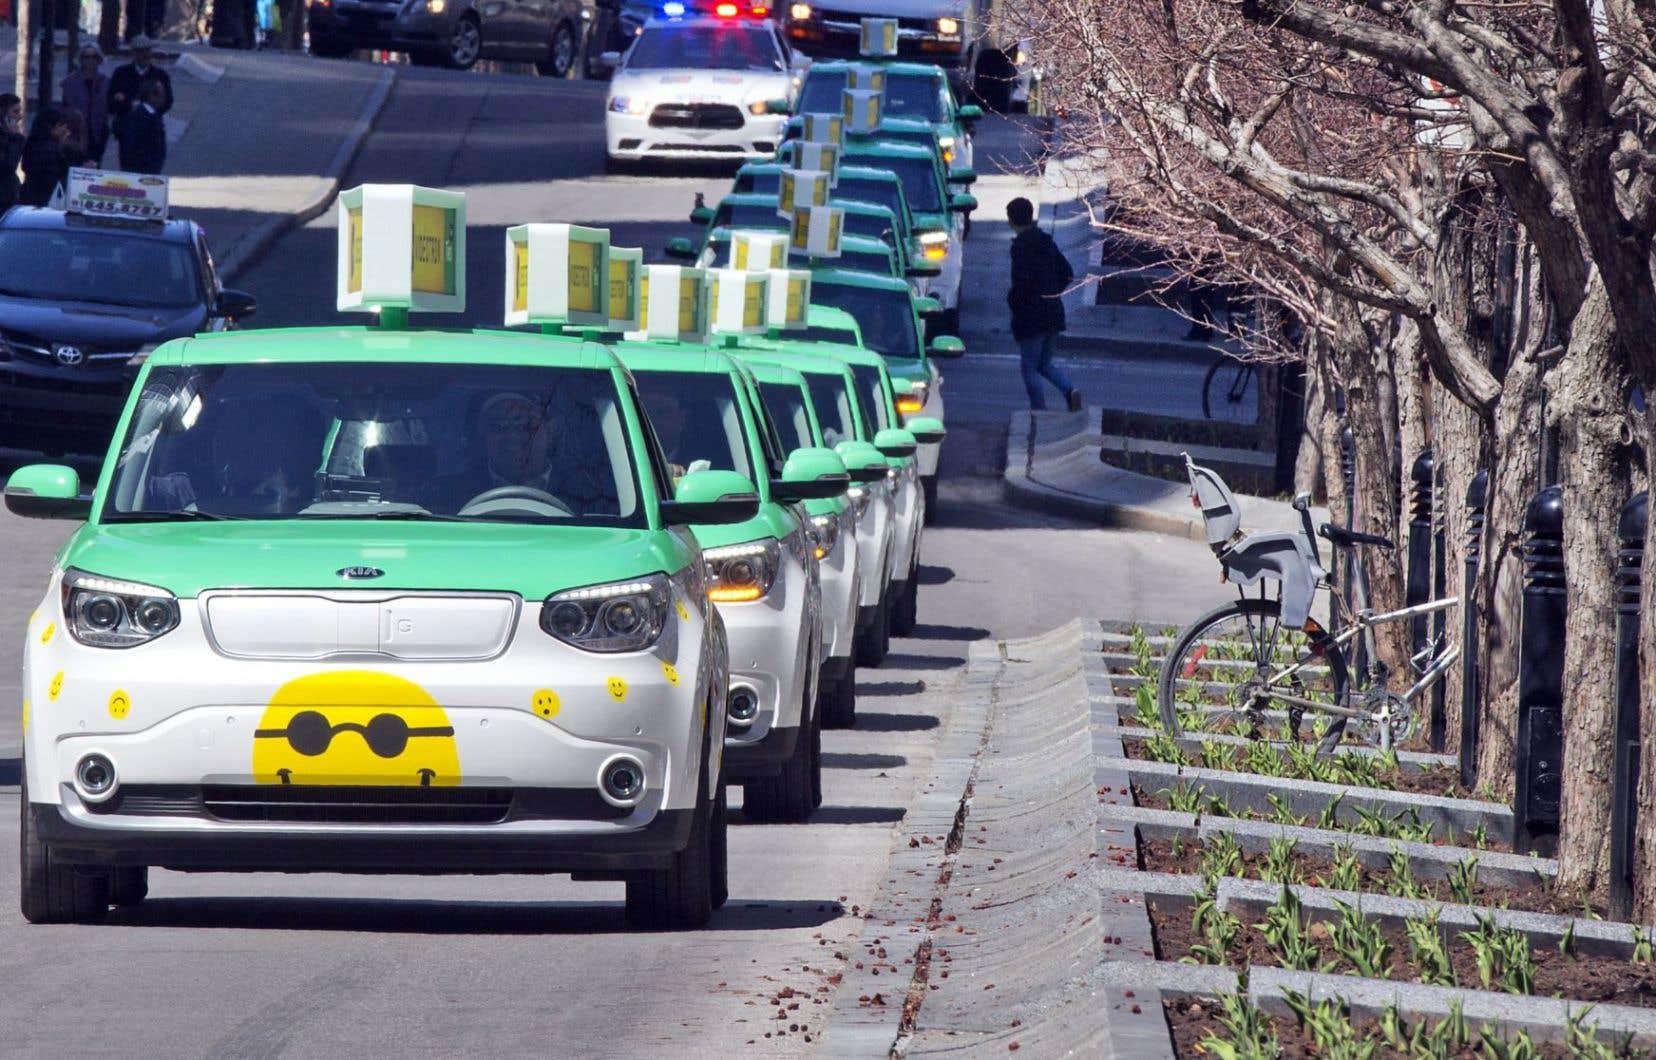 Les Entretiens Jacques Cartier organisent aussi la table ronde «Lorsque l'entrepreneur s'engage dans la cité: le cas de Montréal». Un des conférenciers sera Alexandre Taillefer, fondateur du taxi électrique Téo.